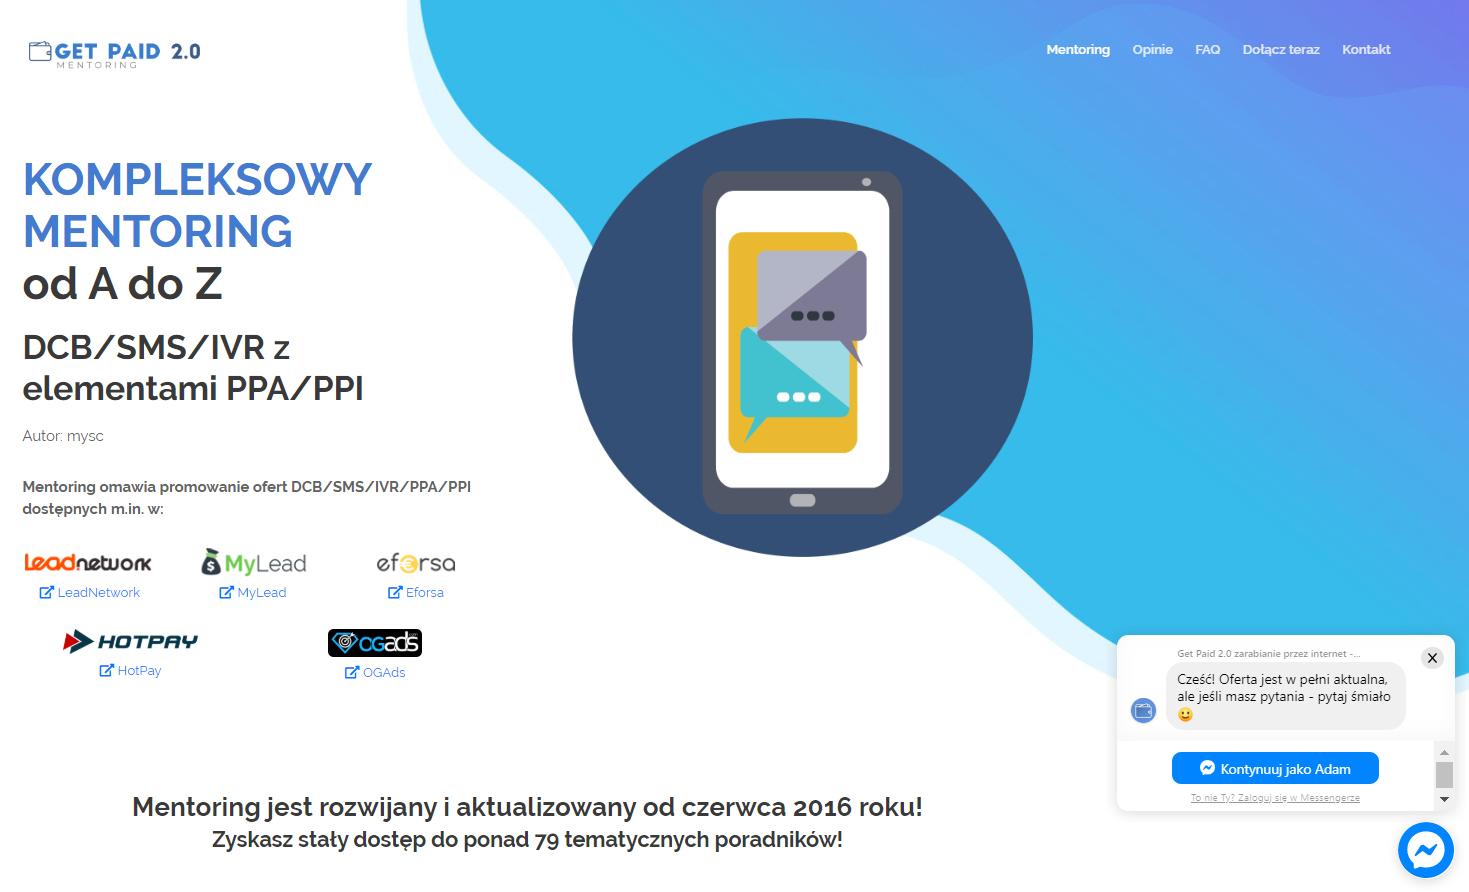 Obrazek - Landing Page przykład 2 - getpaid20.pl